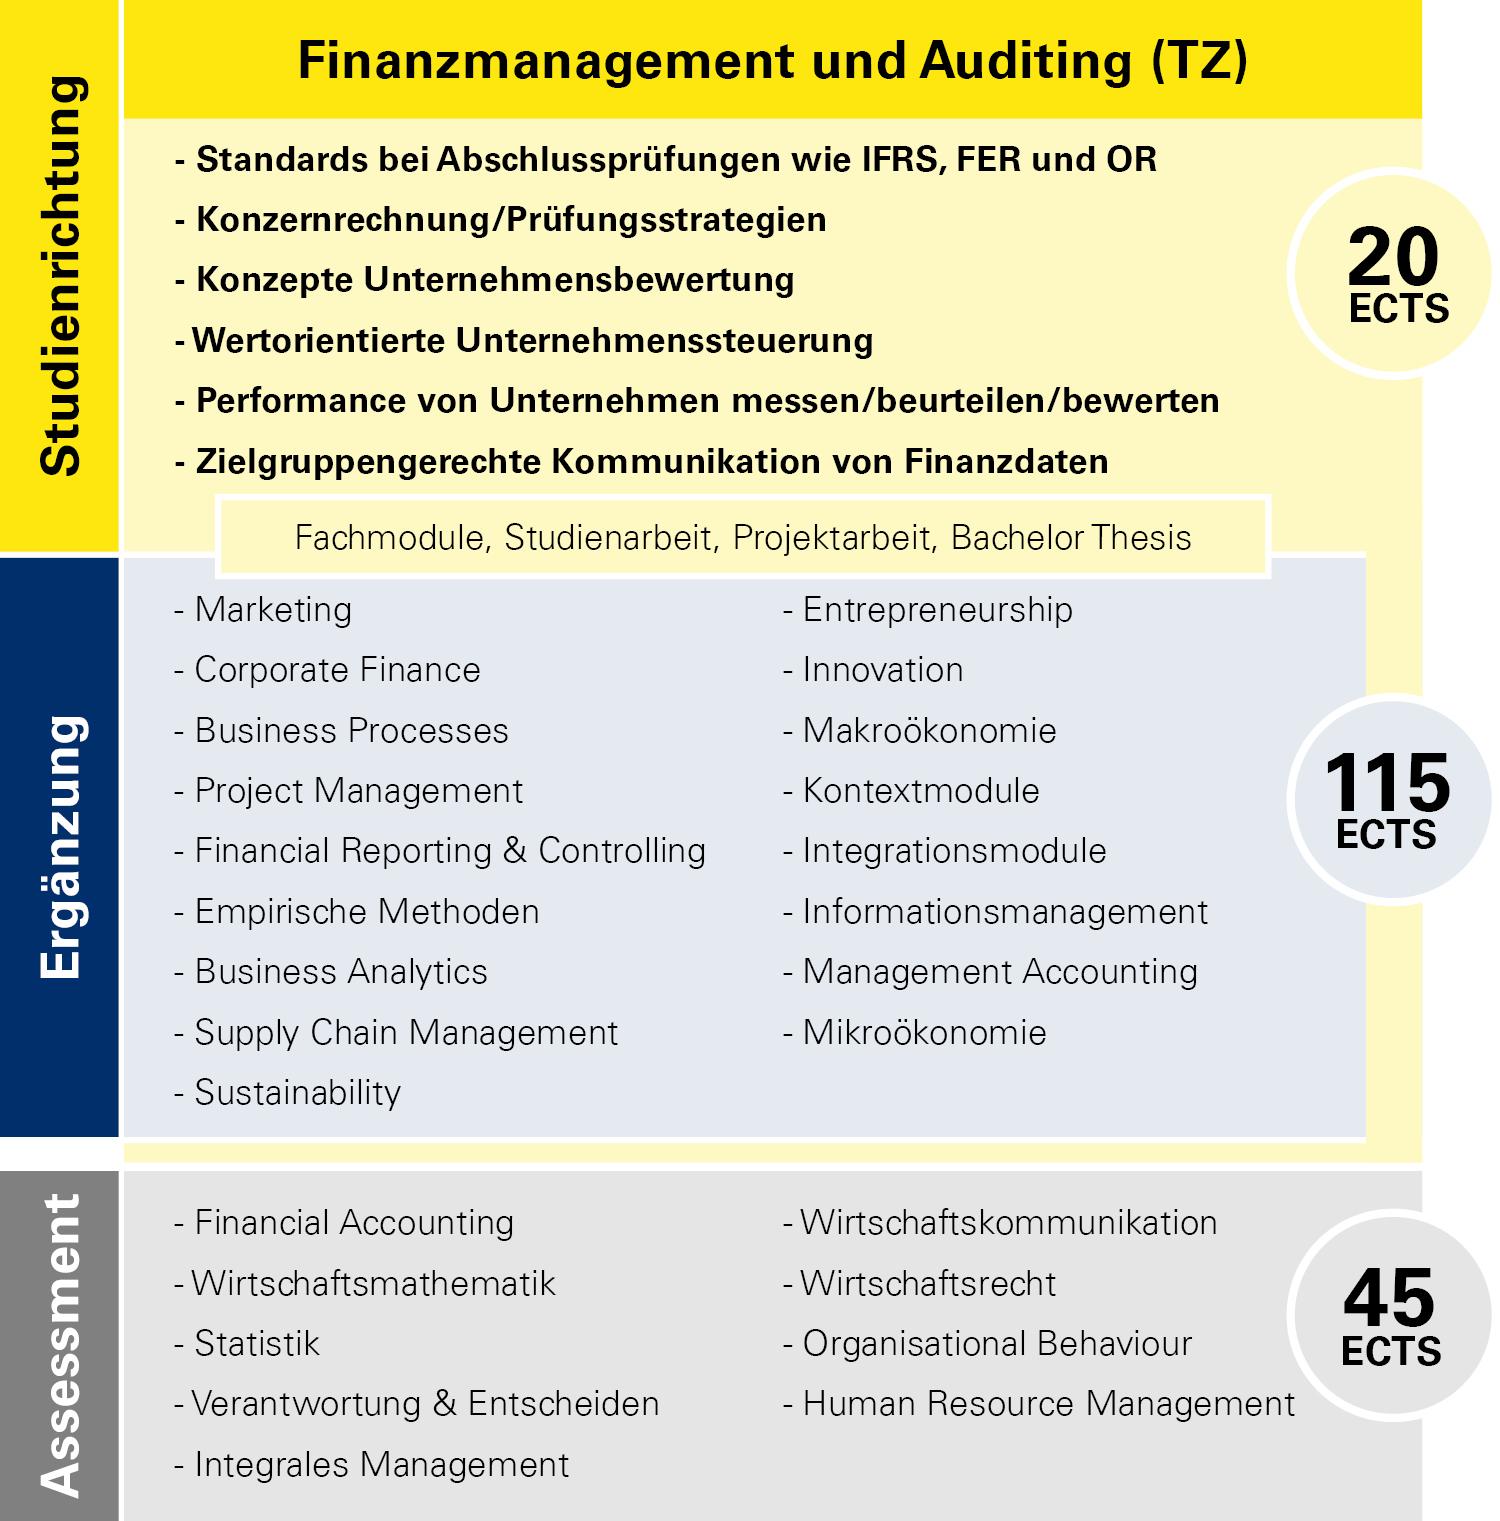 Modulübersicht Finanzmanagement und Auditing Teilzeit